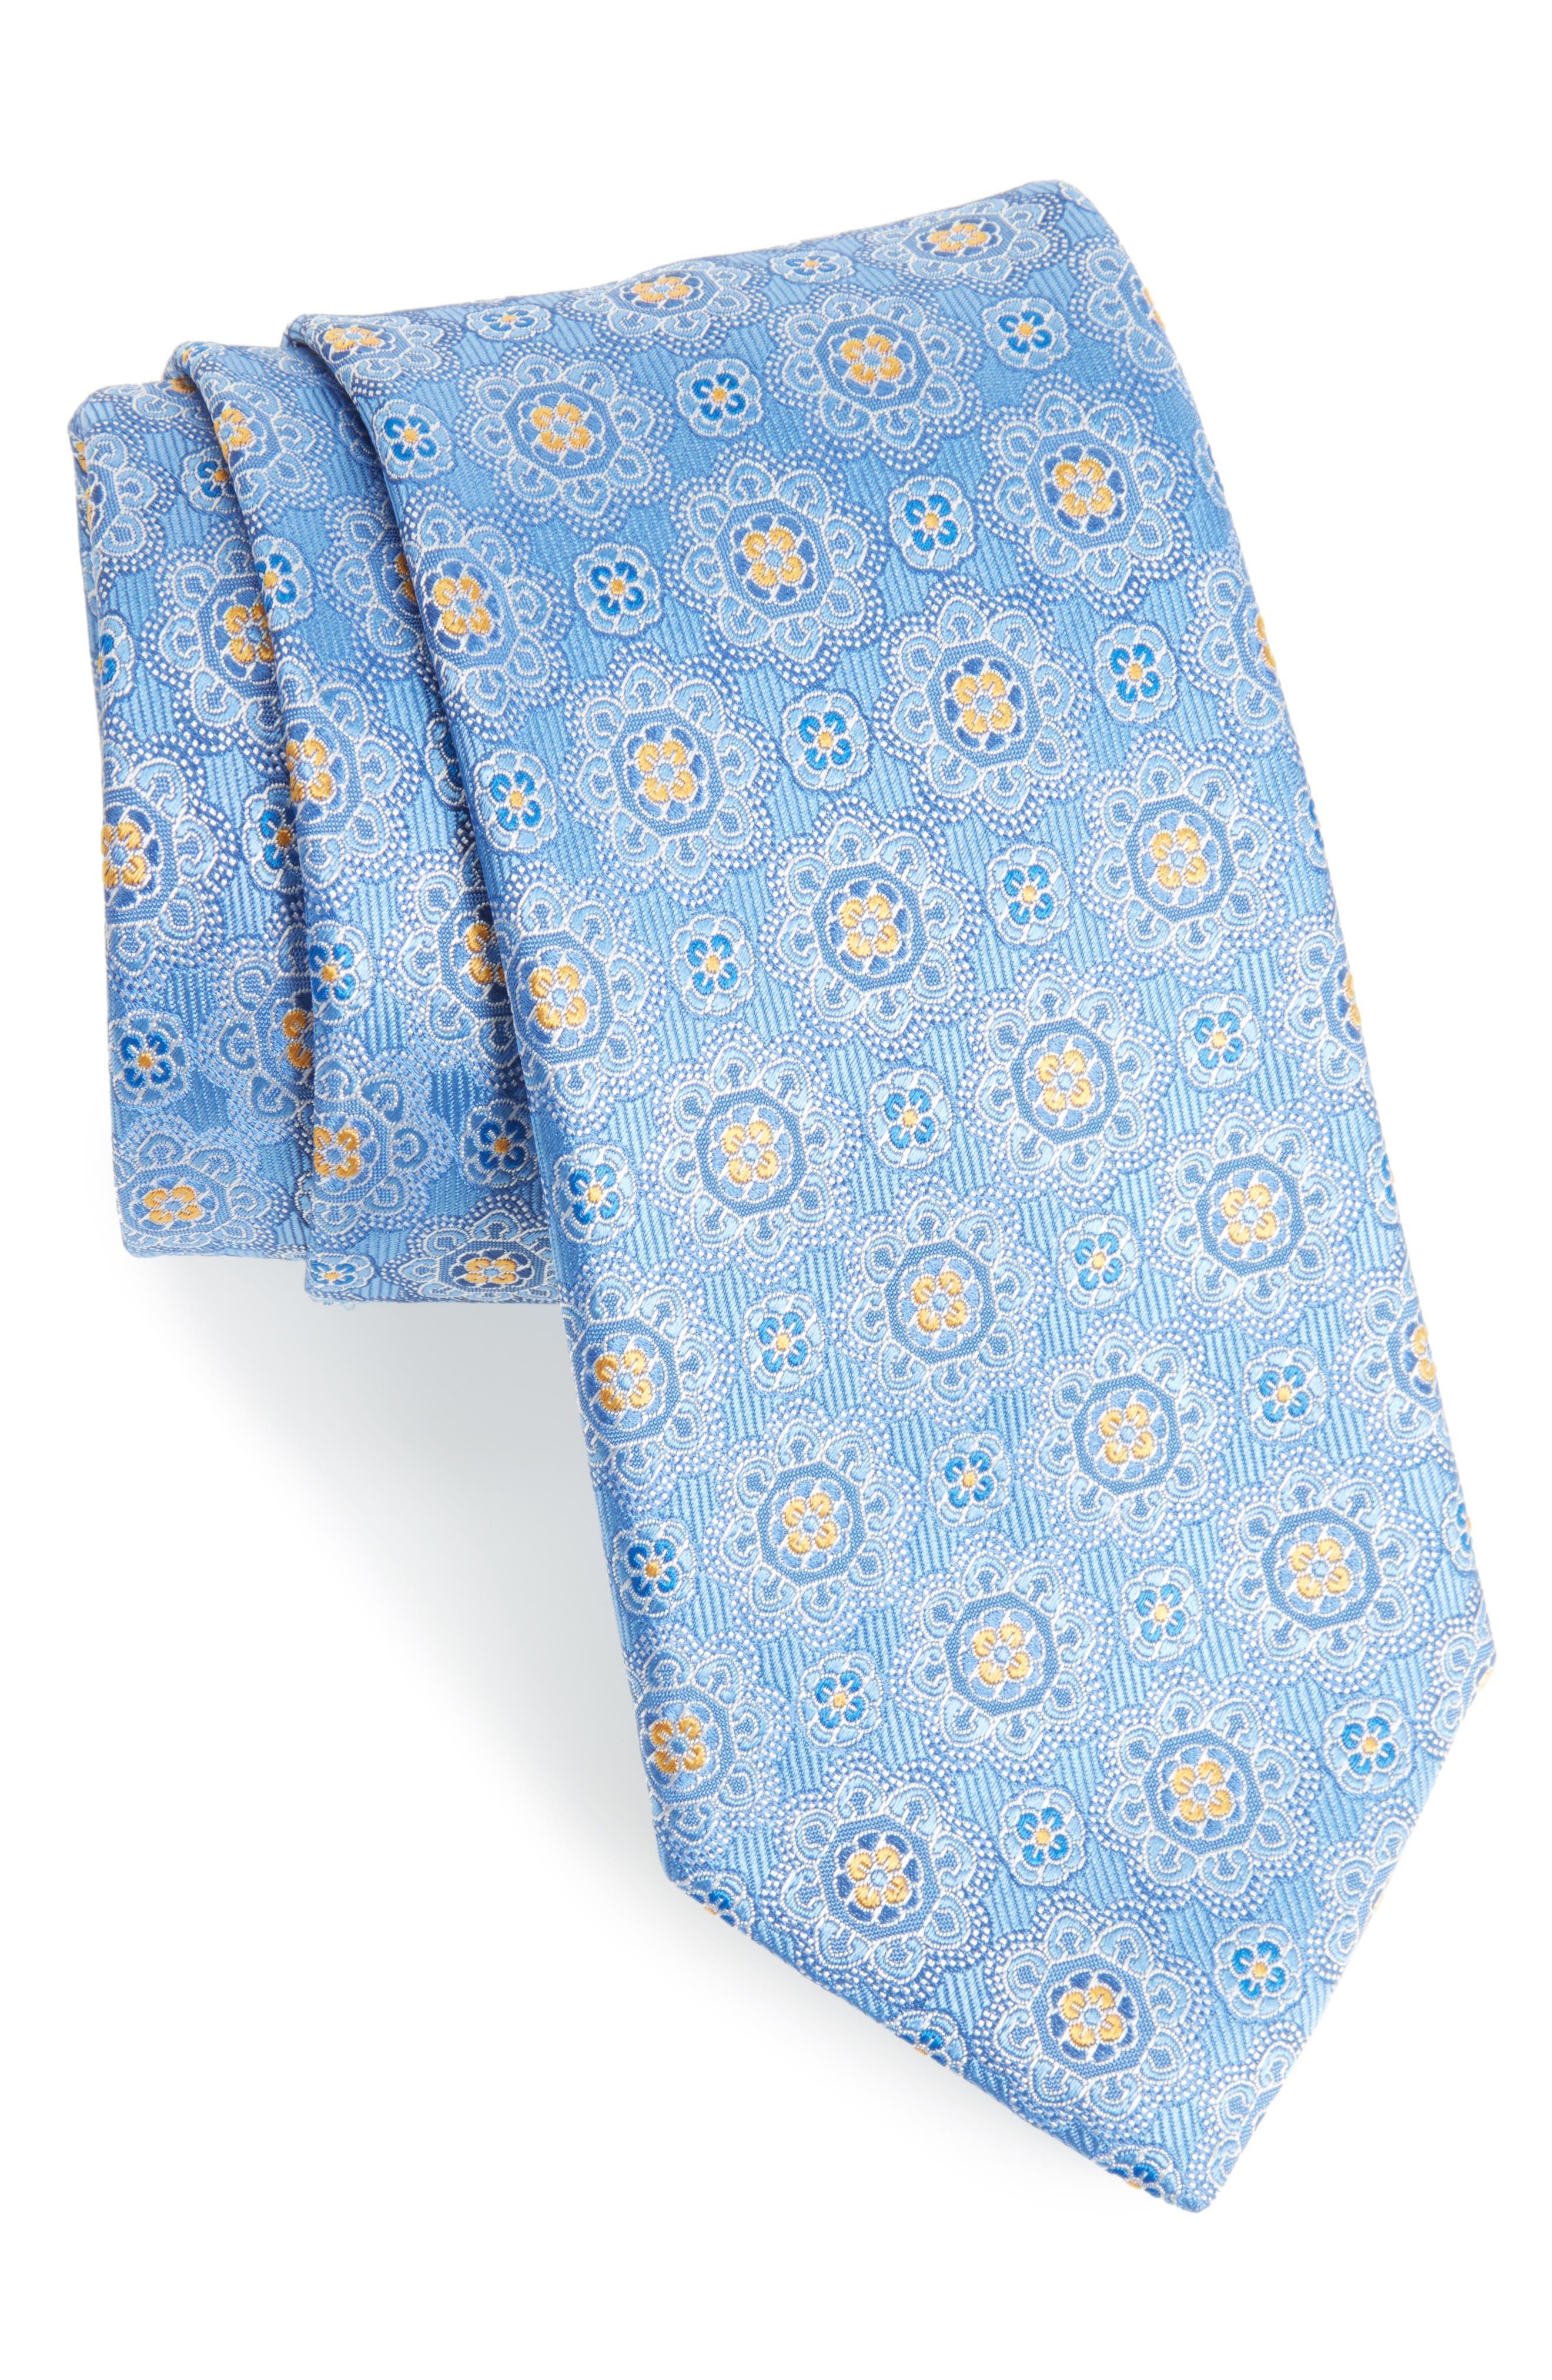 Medallion Silk Tie,                         Main,                         color, 330